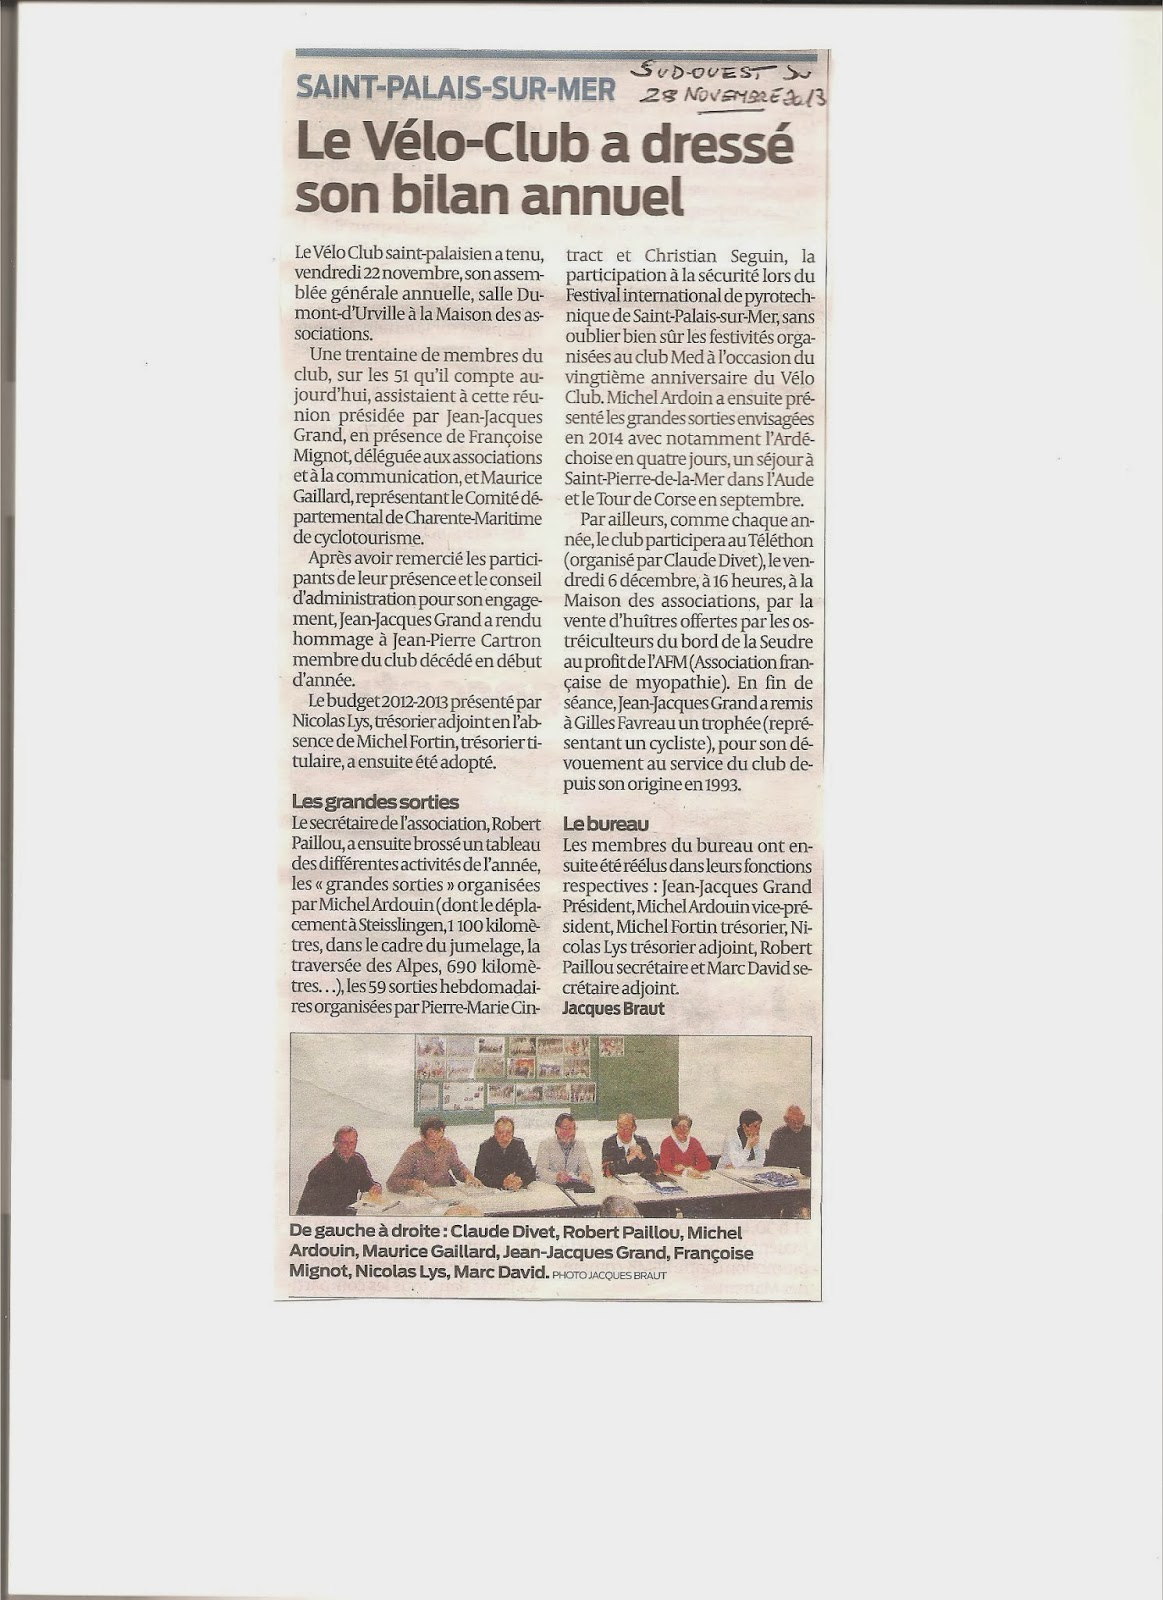 St palais v lo article dans le journal sud ouest - Table de capitalisation gazette du palais 2013 ...